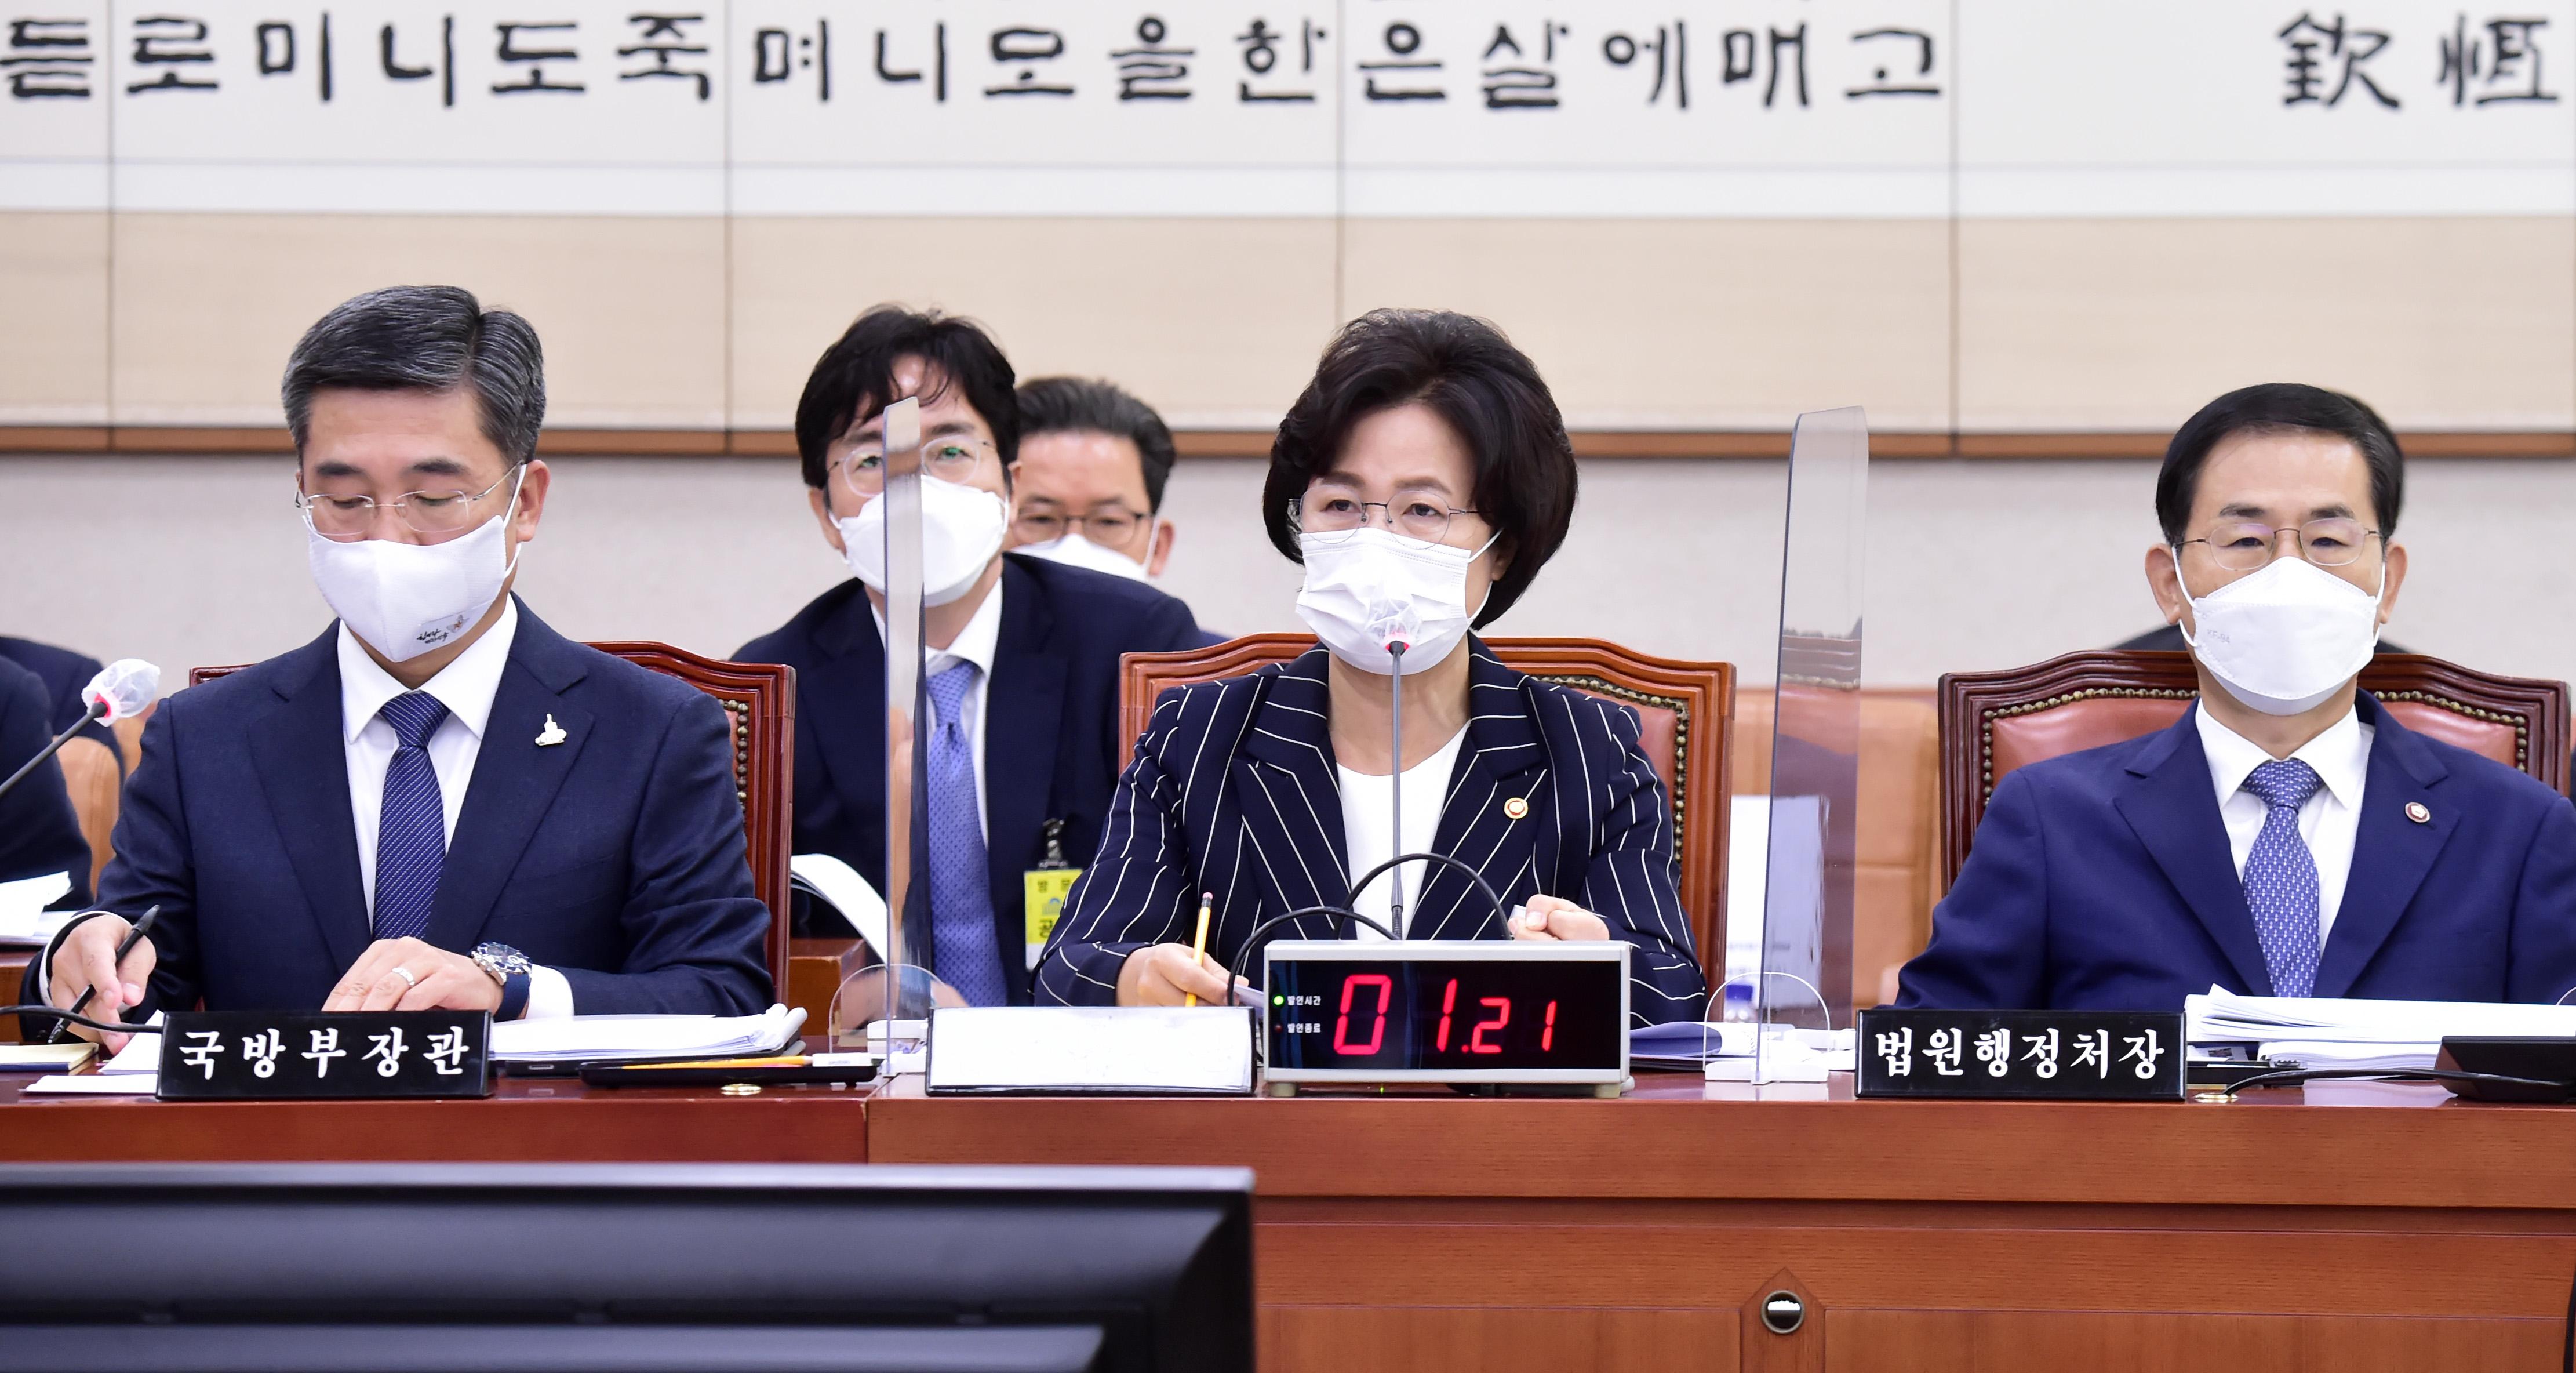 군 특혜논란·공수처 설치 등 국회 법사위